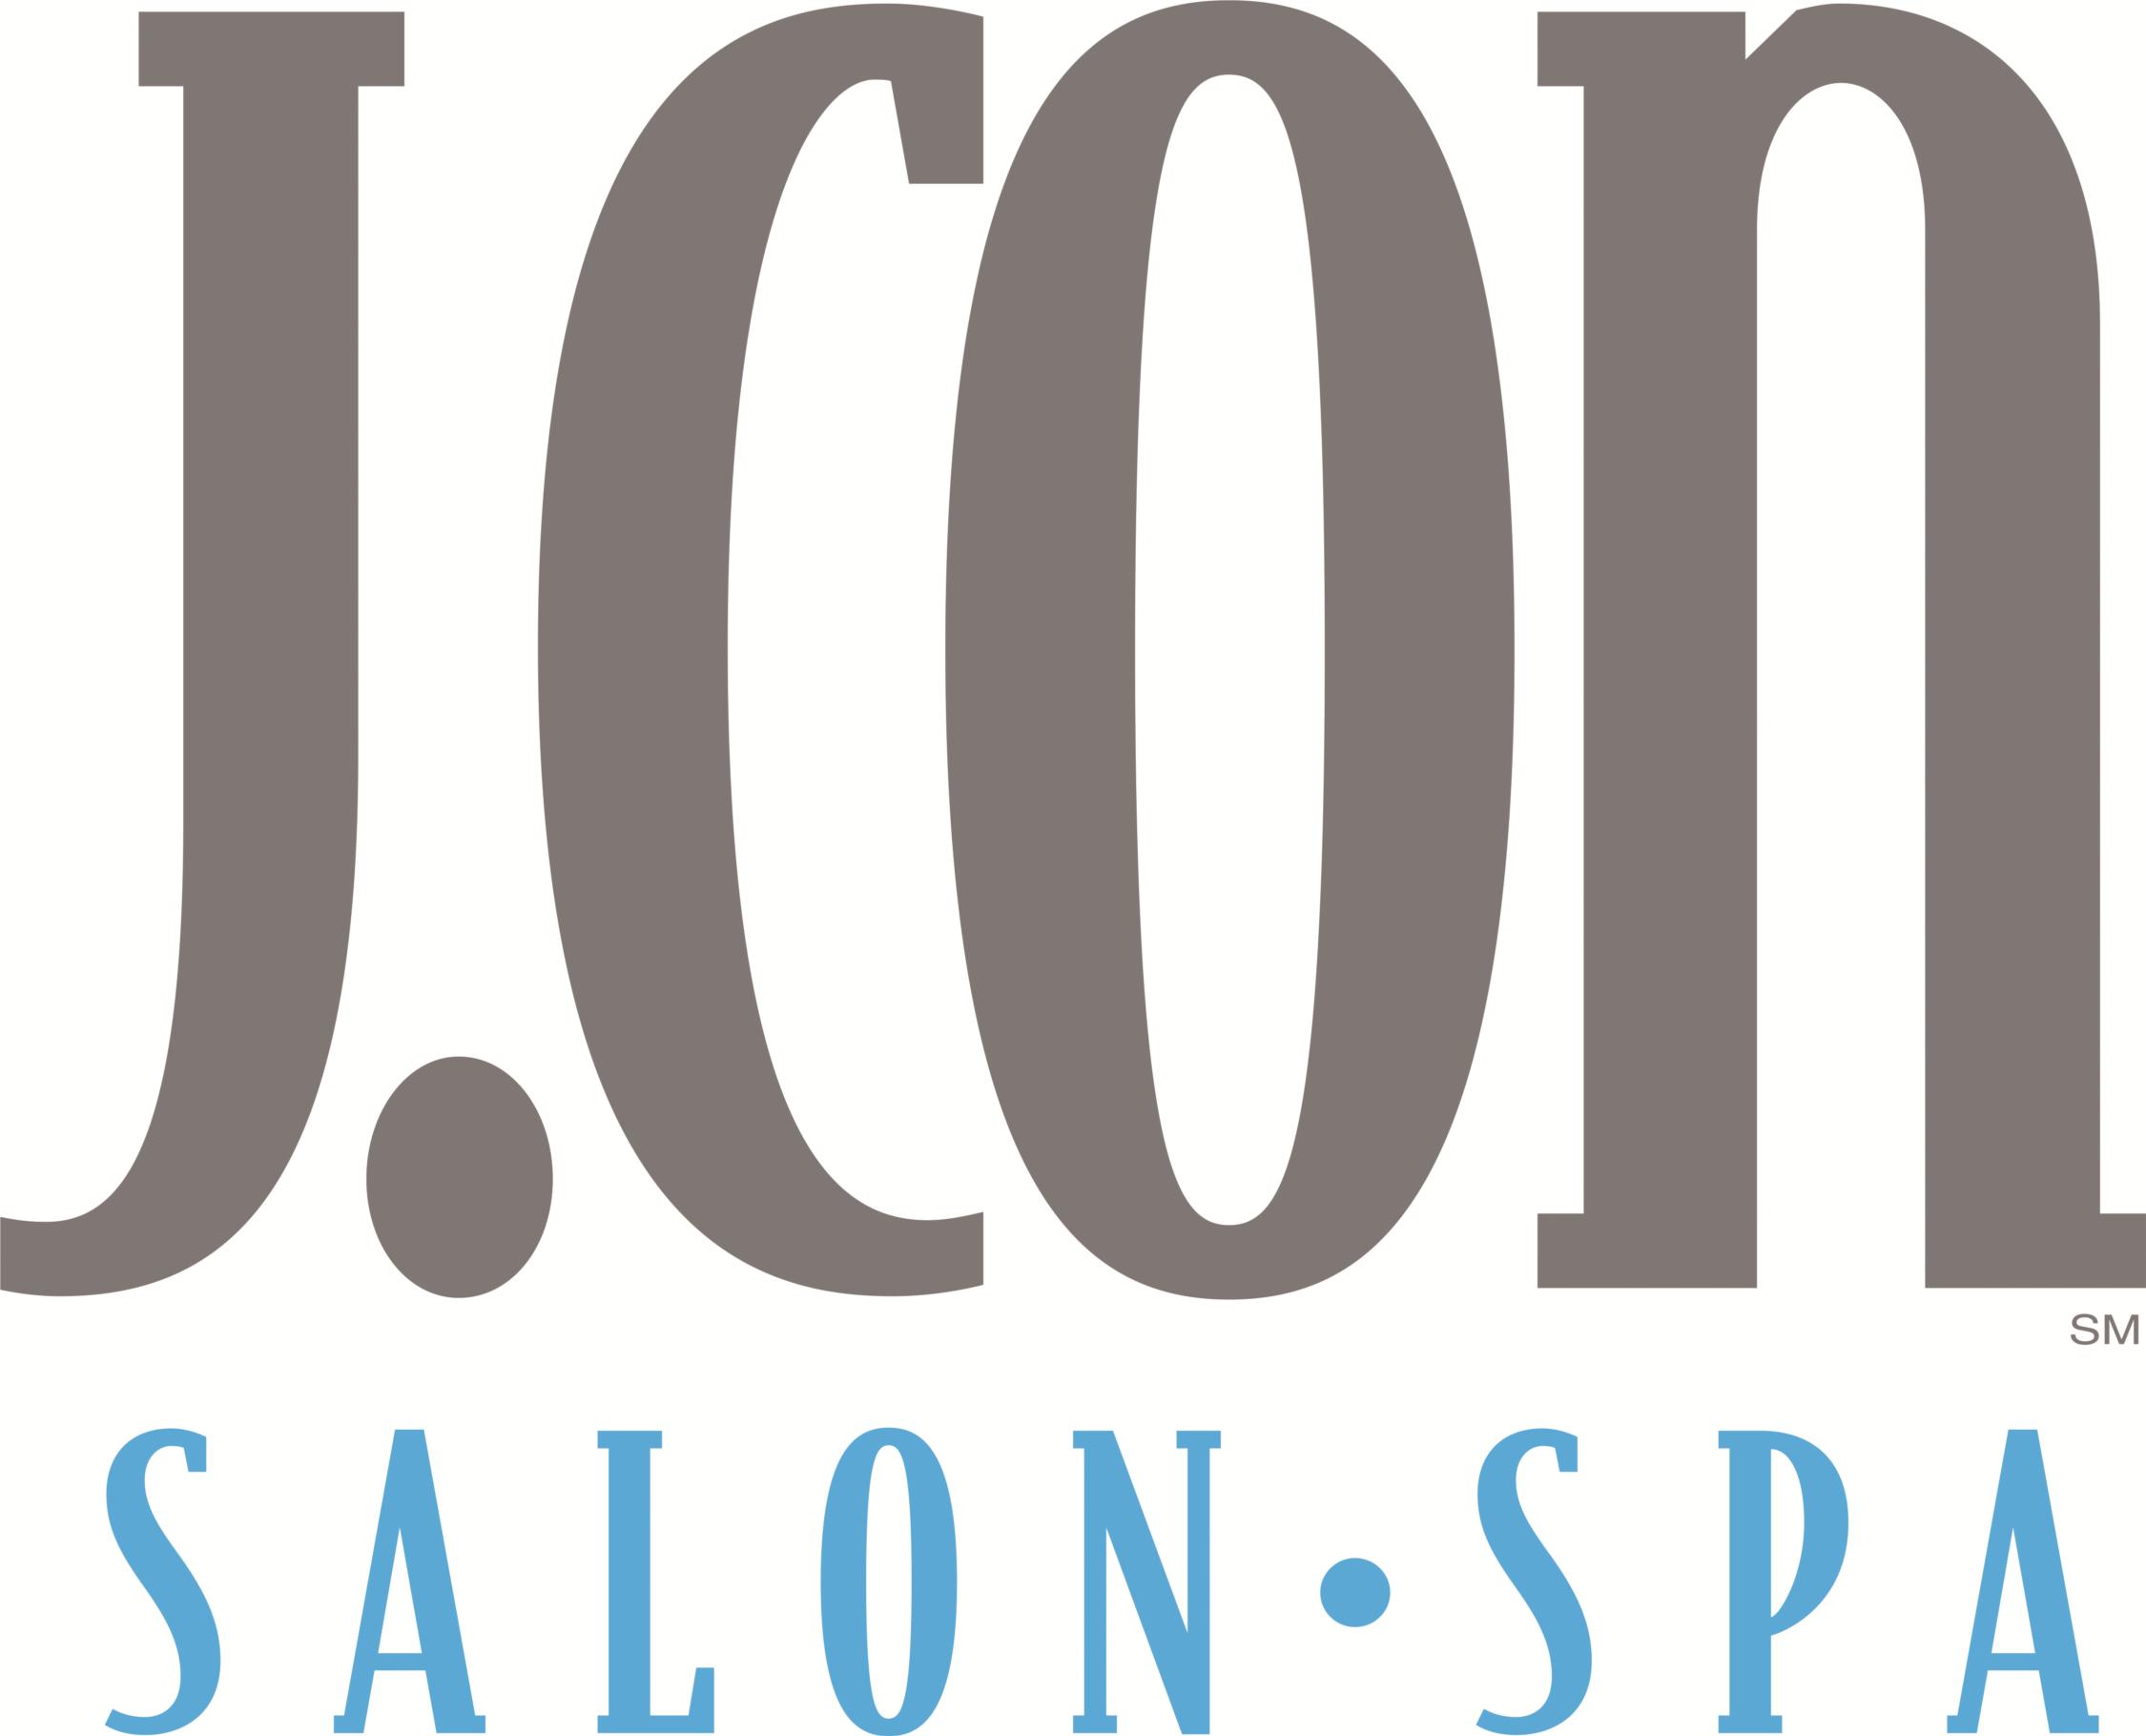 J.CON Salon and Spa Company Logo